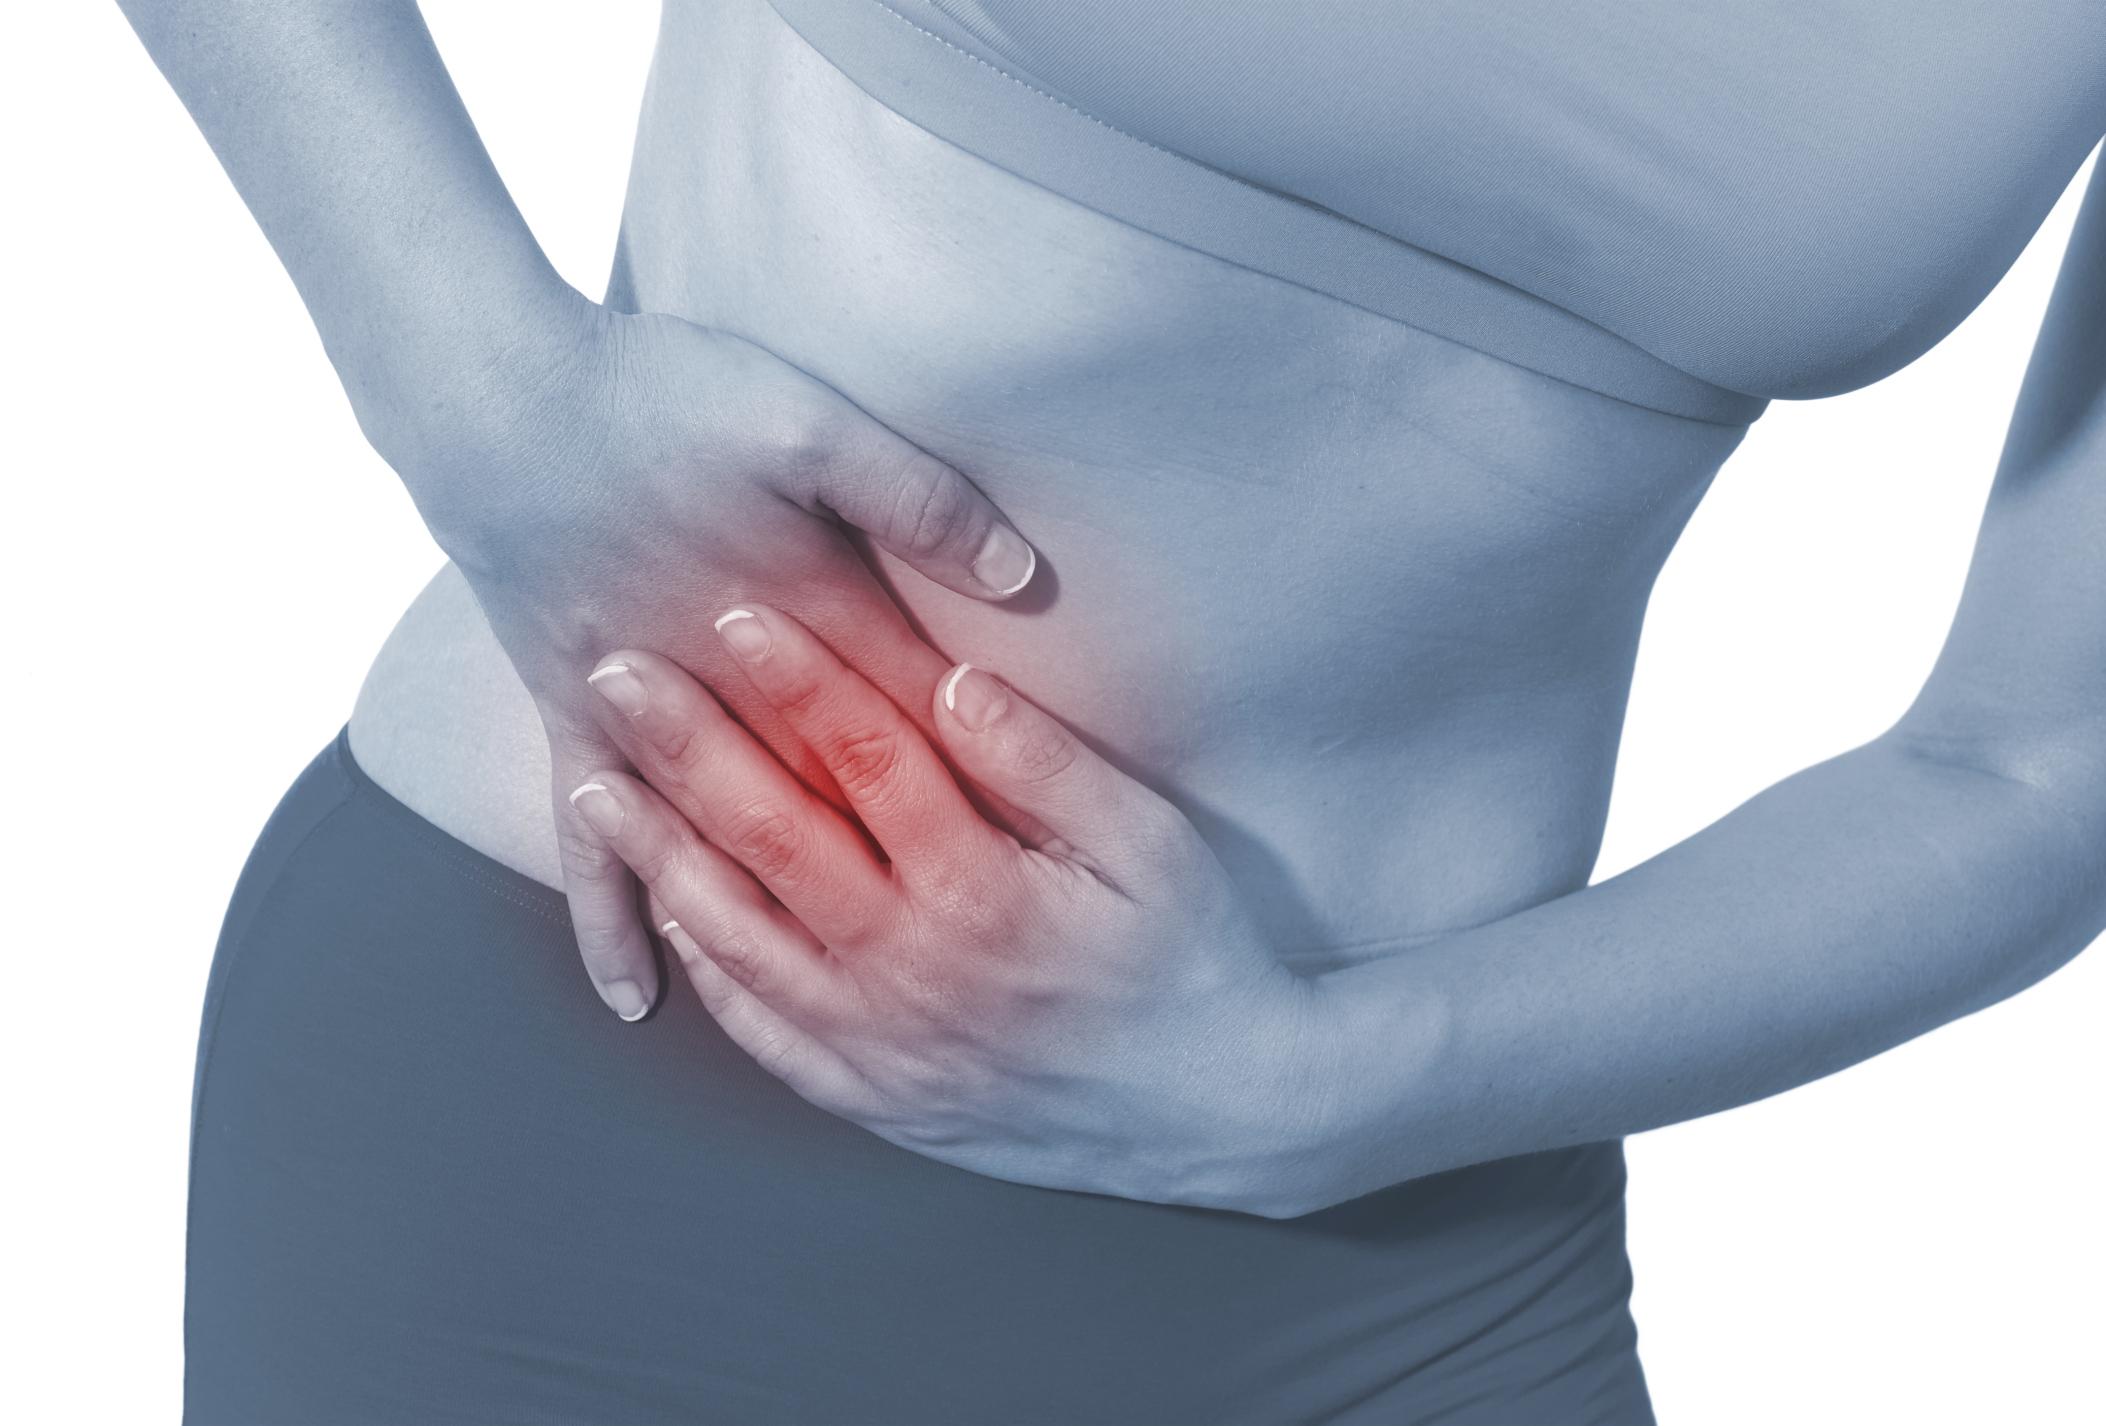 صور اعراض بطانة الرحم , ما هي بطانه الرحم المهاجره واعراضها